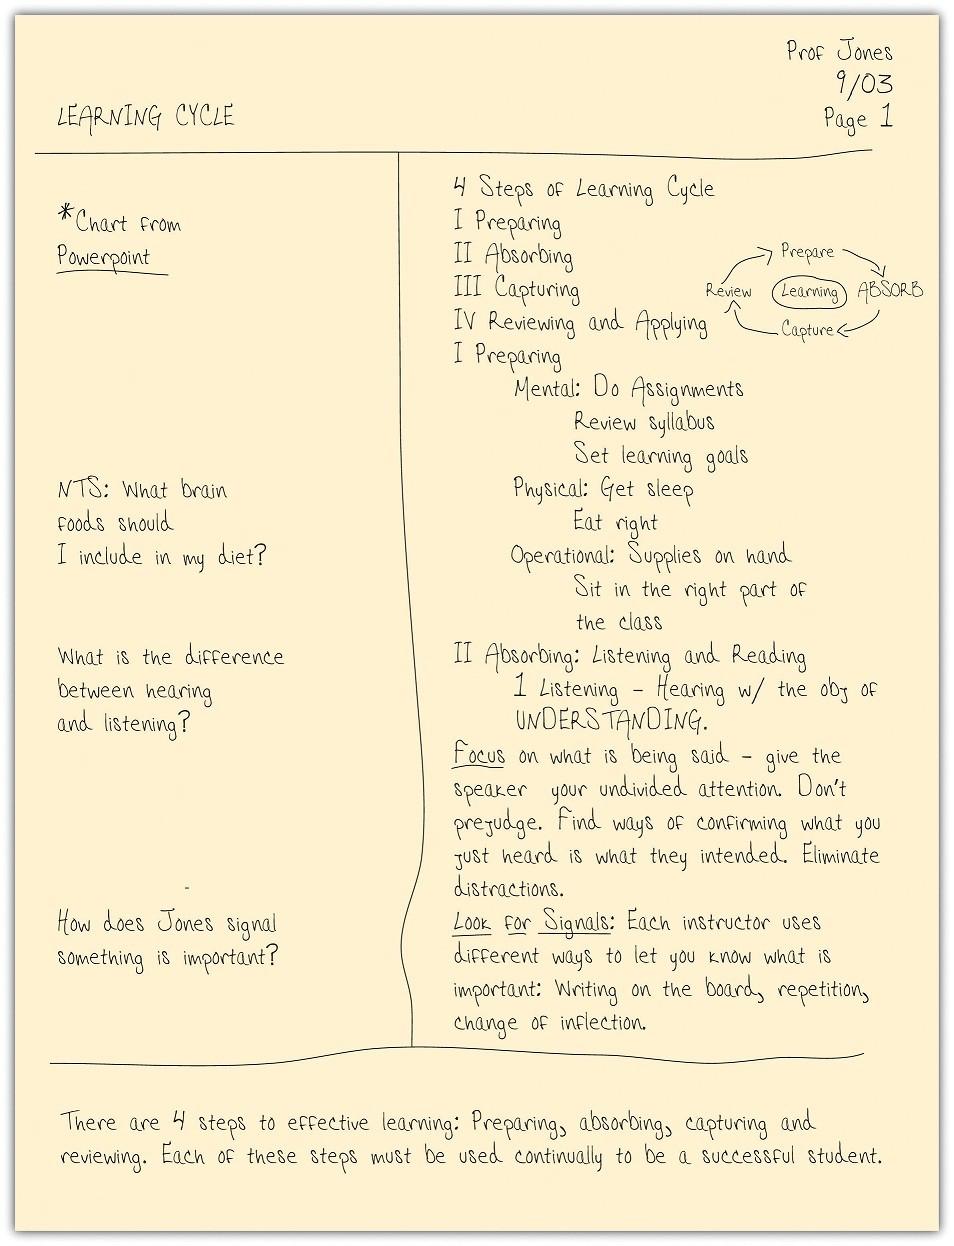 5 métodos para organizar melhor suas anotações